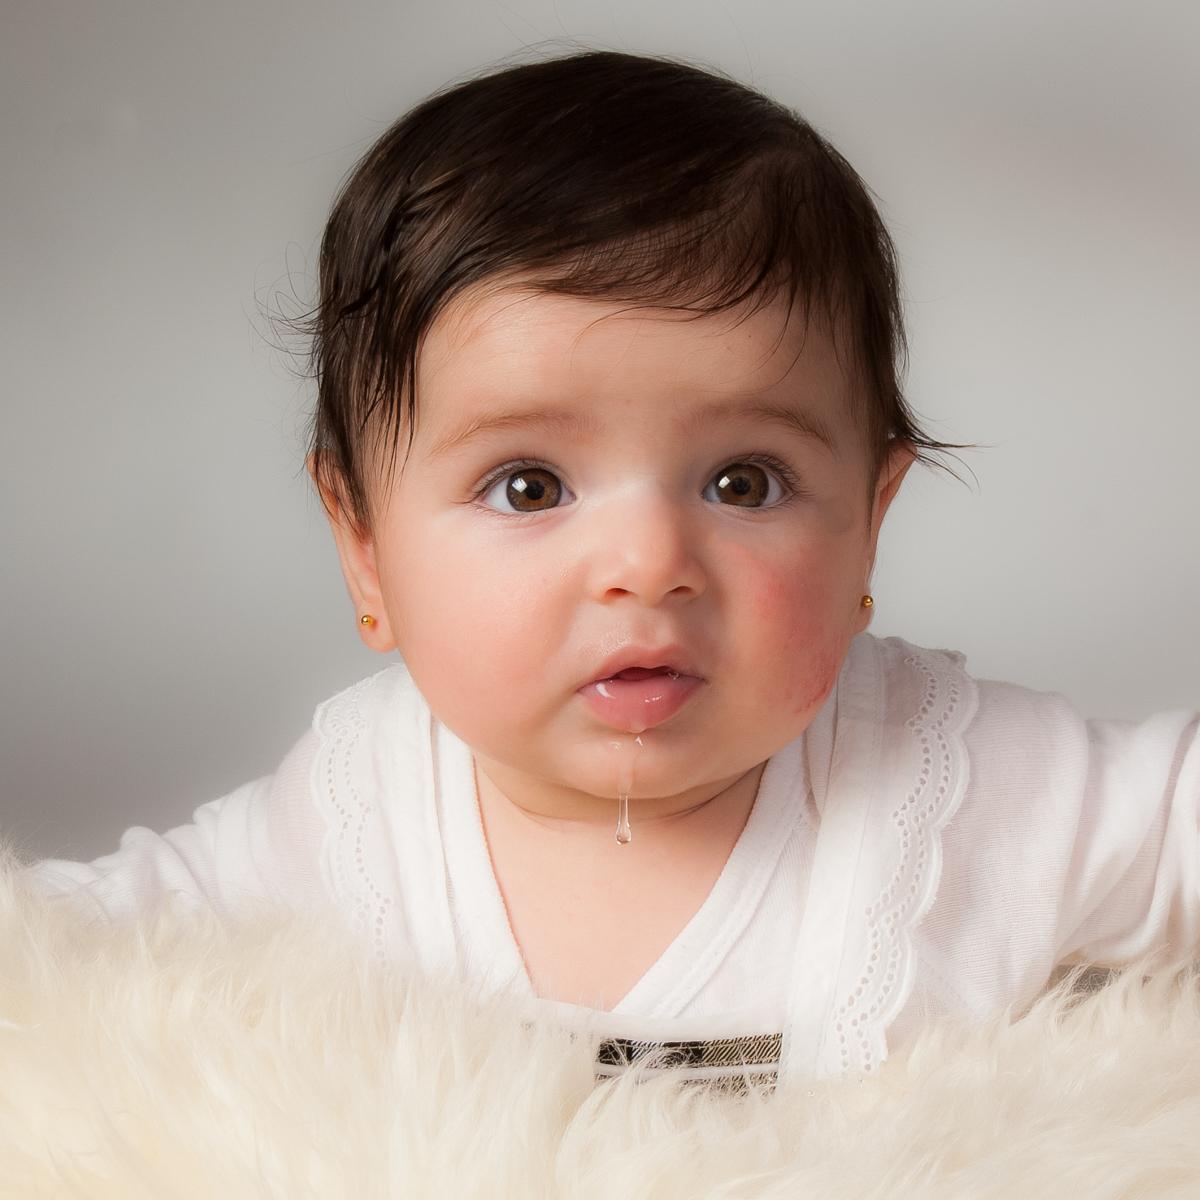 newbornshoot-henry-abdeloe